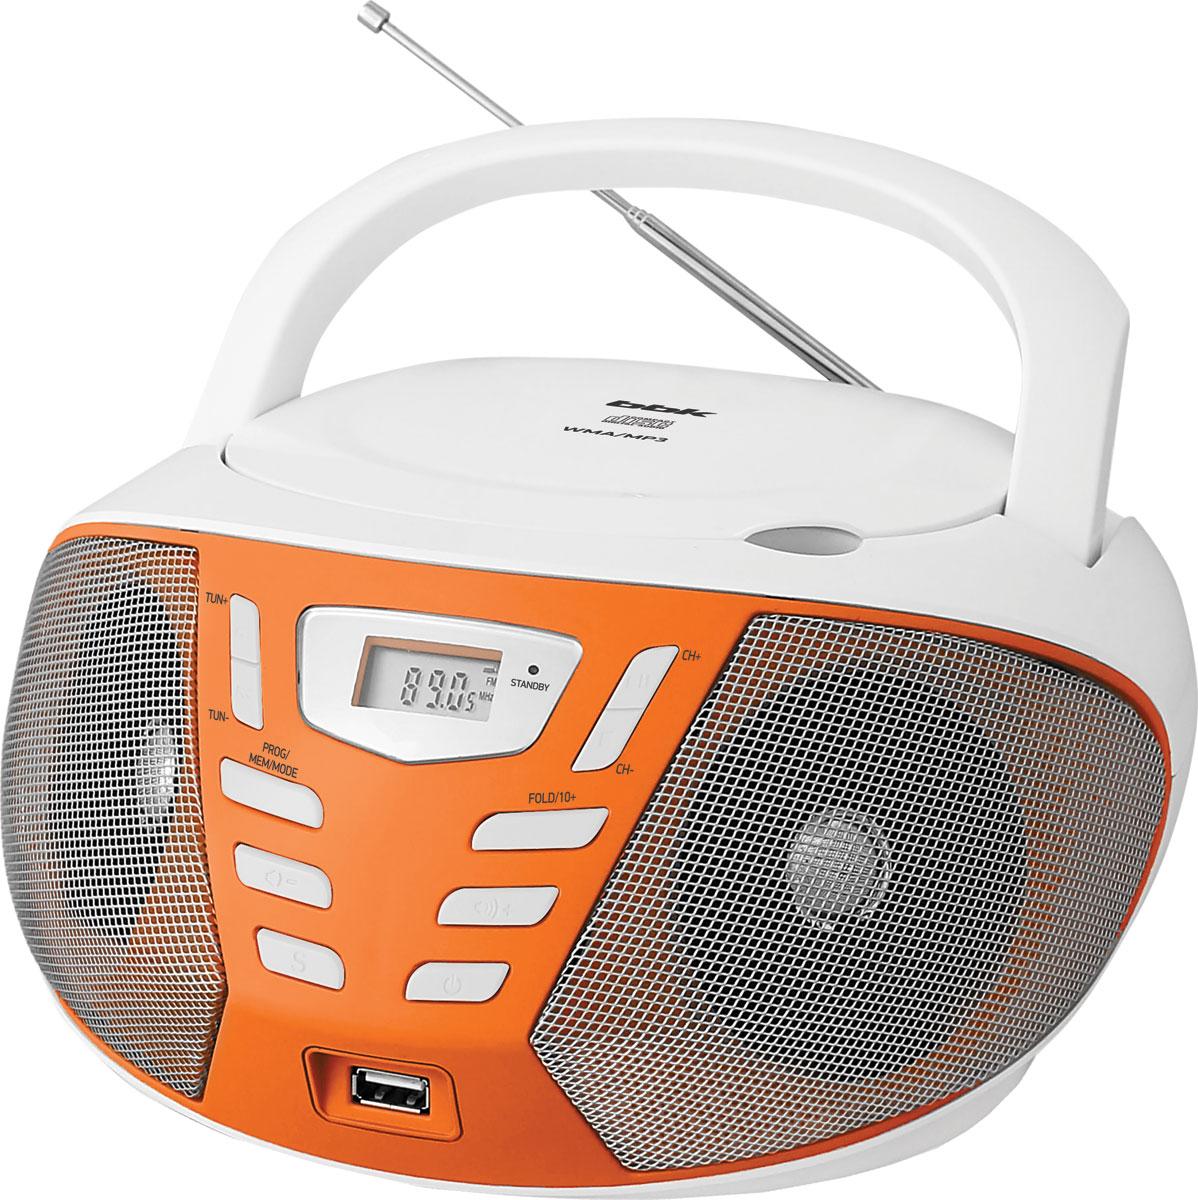 BBK BX193U, White Orange CD/MP3 магнитолаBX193UCD/MP3-магнитола BX193U – удобная во всех отношениях вещь. Компактная и простая в эксплуатации, надежная и функциональная, а благодаря технологии PURE SOUND – настоящая услада для слуха. Оснащена CD-дисководом, который поддерживает CD/CD-R/CD-RW-диски с файлами форматов WMA, MP3, USB-портом для подключения MP3-плеера и flash-носителя, разъемом AUX IN для подсоединения внешних аудиоустройств. Доступны функции воспроизведения в программируемом (P-MODE) и произвольном (RANDOM) порядке. Встроен цифровой FM-тюнер, а электронное управление настройкой с отображением радиочастот на дисплее значительно облегчит эксплуатацию. Модель представлена в четырех цветовых решениях: черный /серый, белый/зеленый, черный/оранжевый, белый/оранжевый.